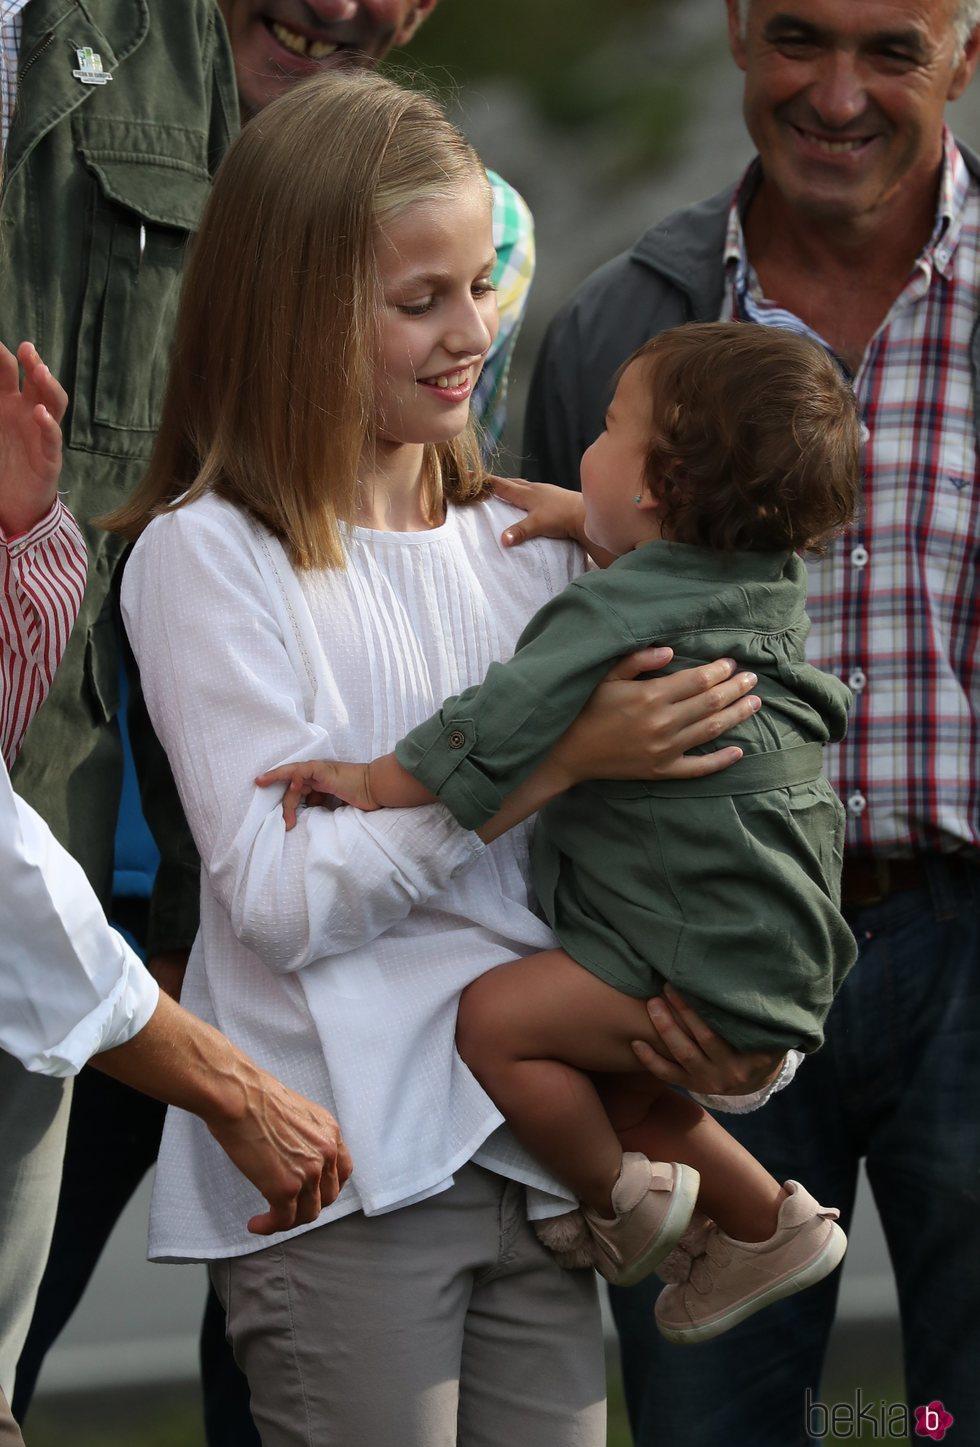 La Princesa Leonor con una niña en brazos en Covadonga